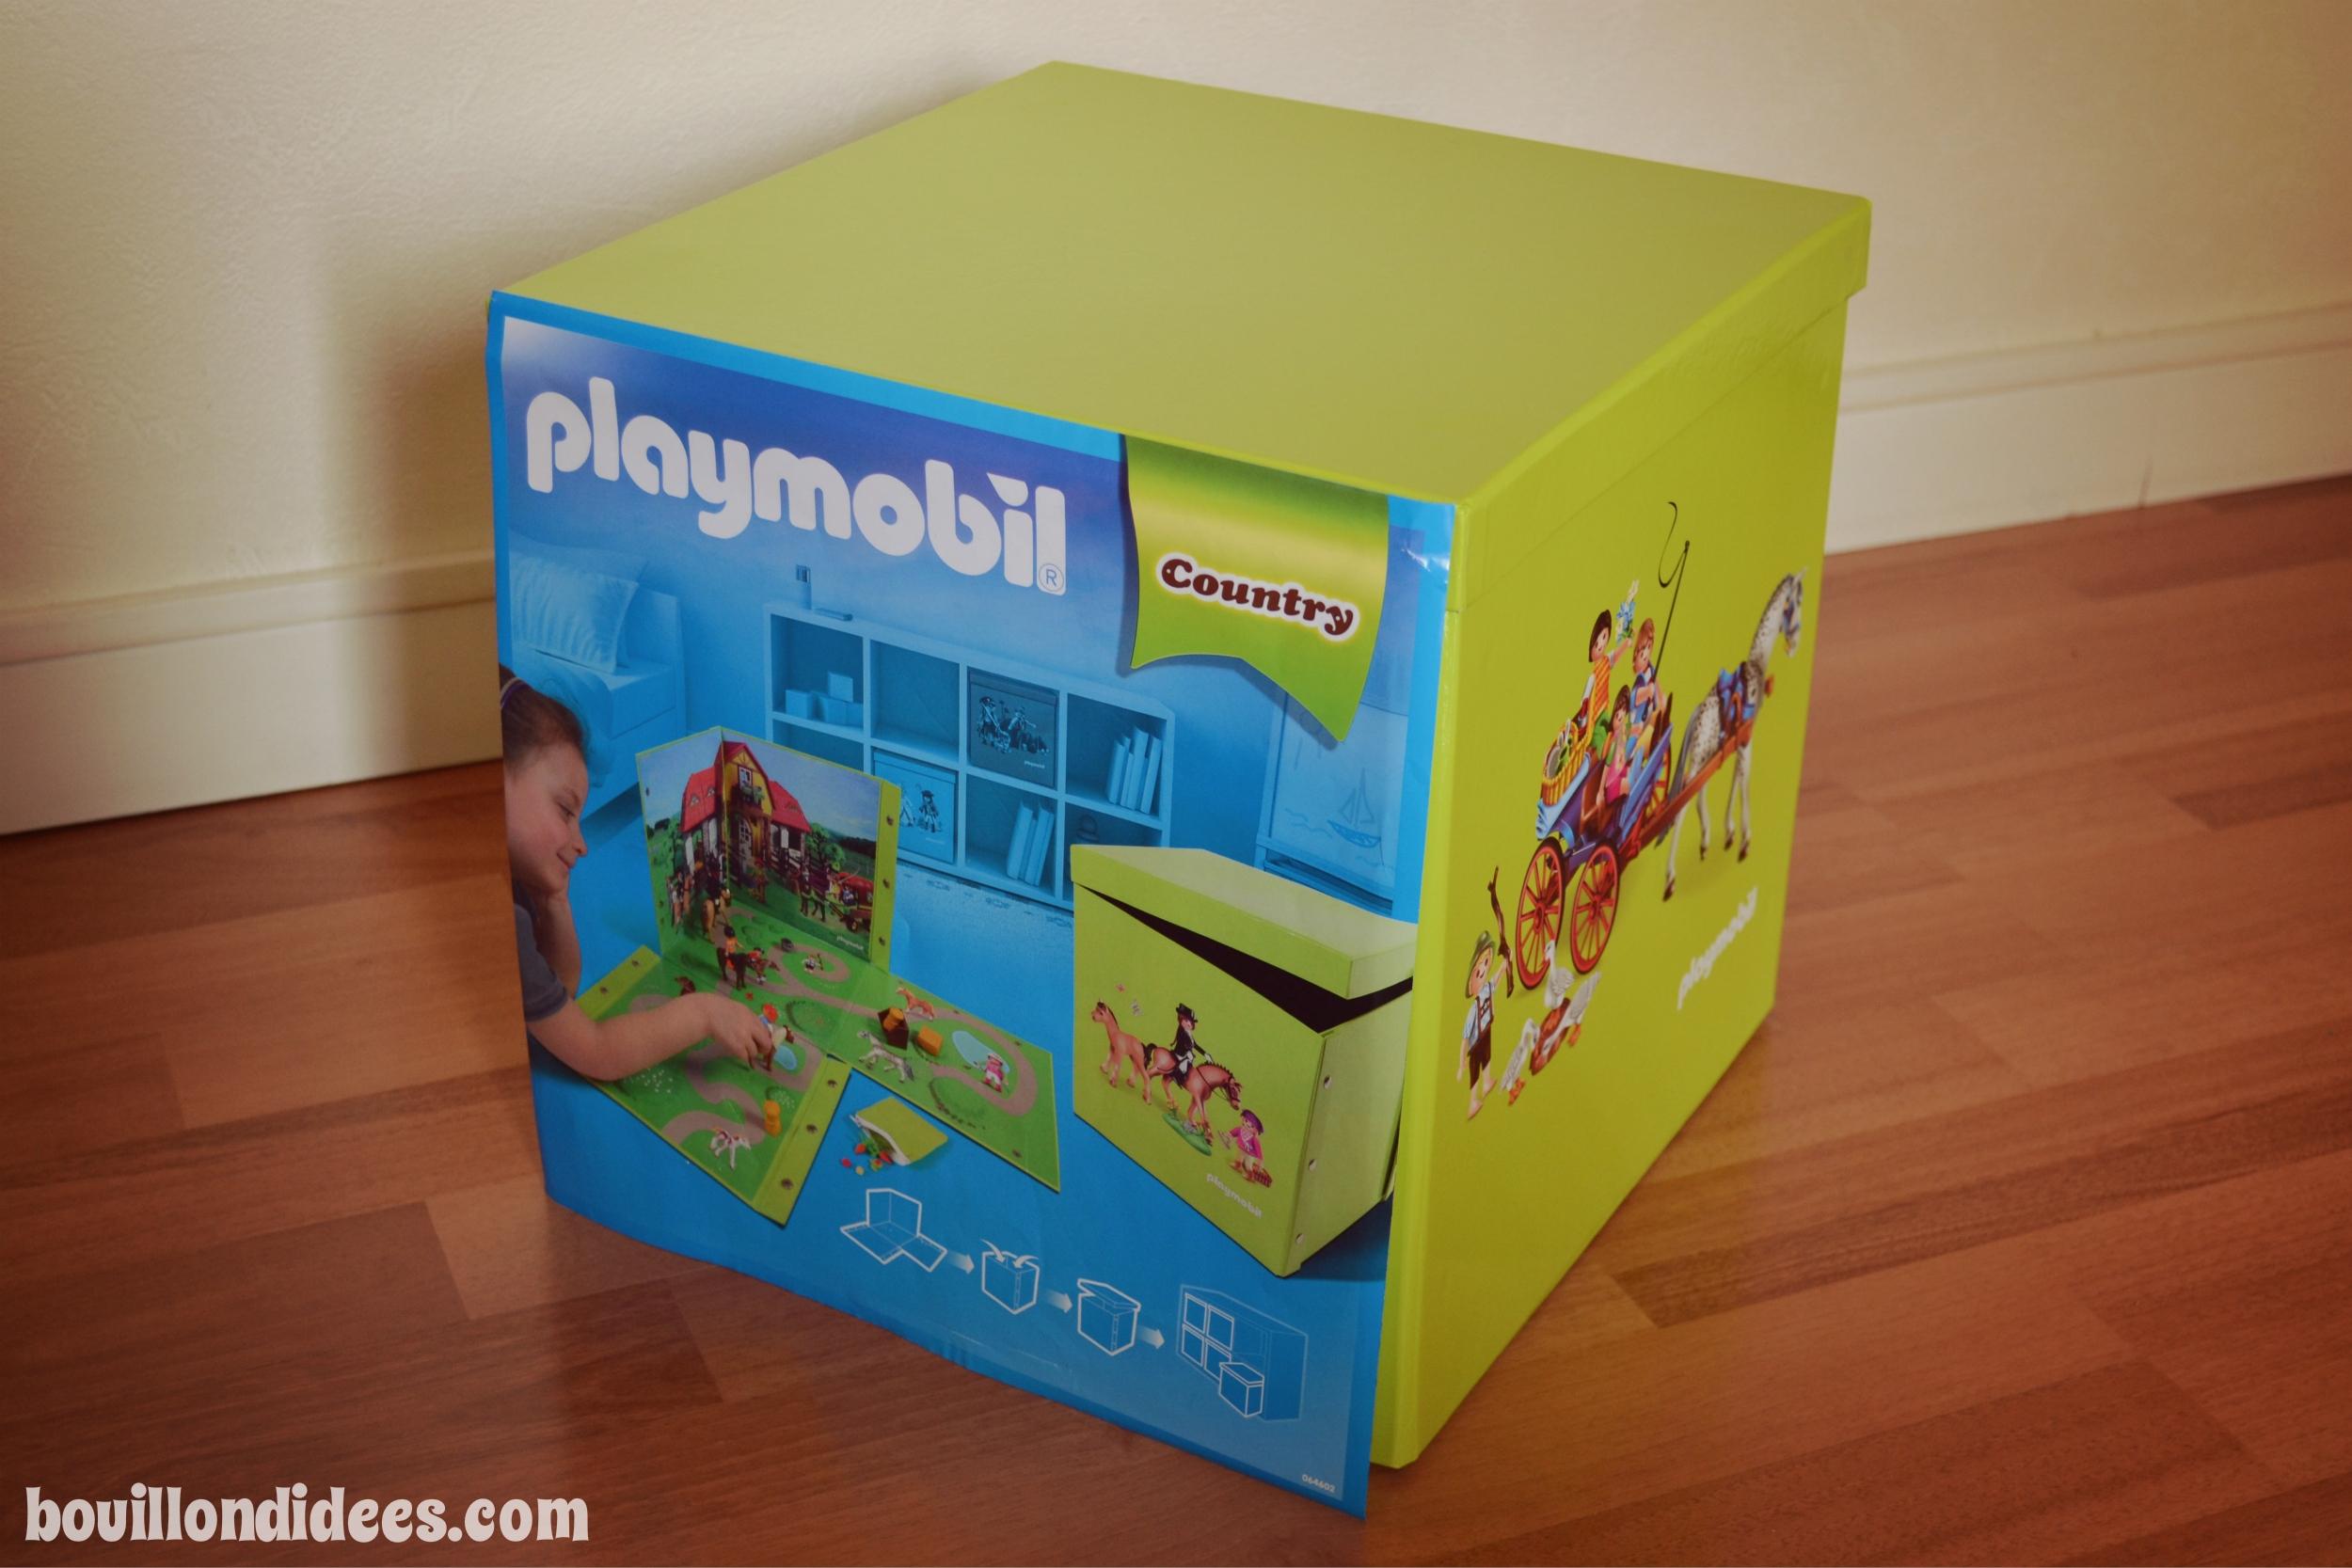 Dessin à Colorier Playmobil Beau Image La solution Pour Jouer Et Surtout Ranger Les Playmobils Con Boite